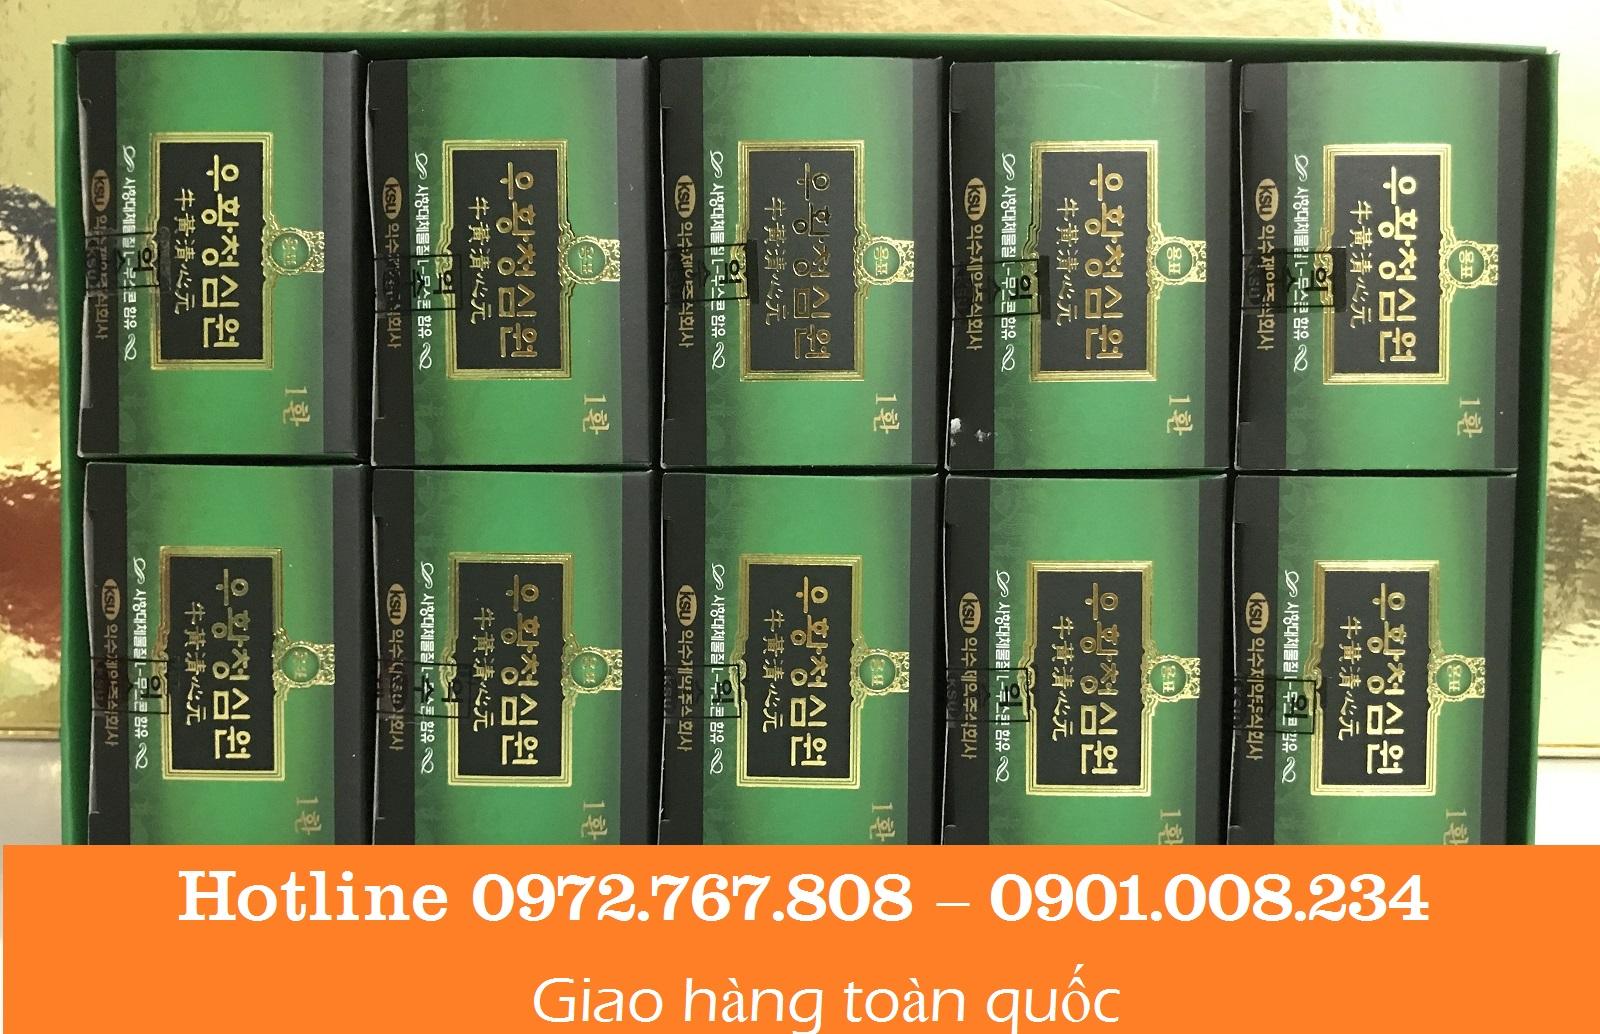 an cung nguu hoang hoan han quoc hop xanh iksu, 8806585002512, 18806585002519, an cung iksu